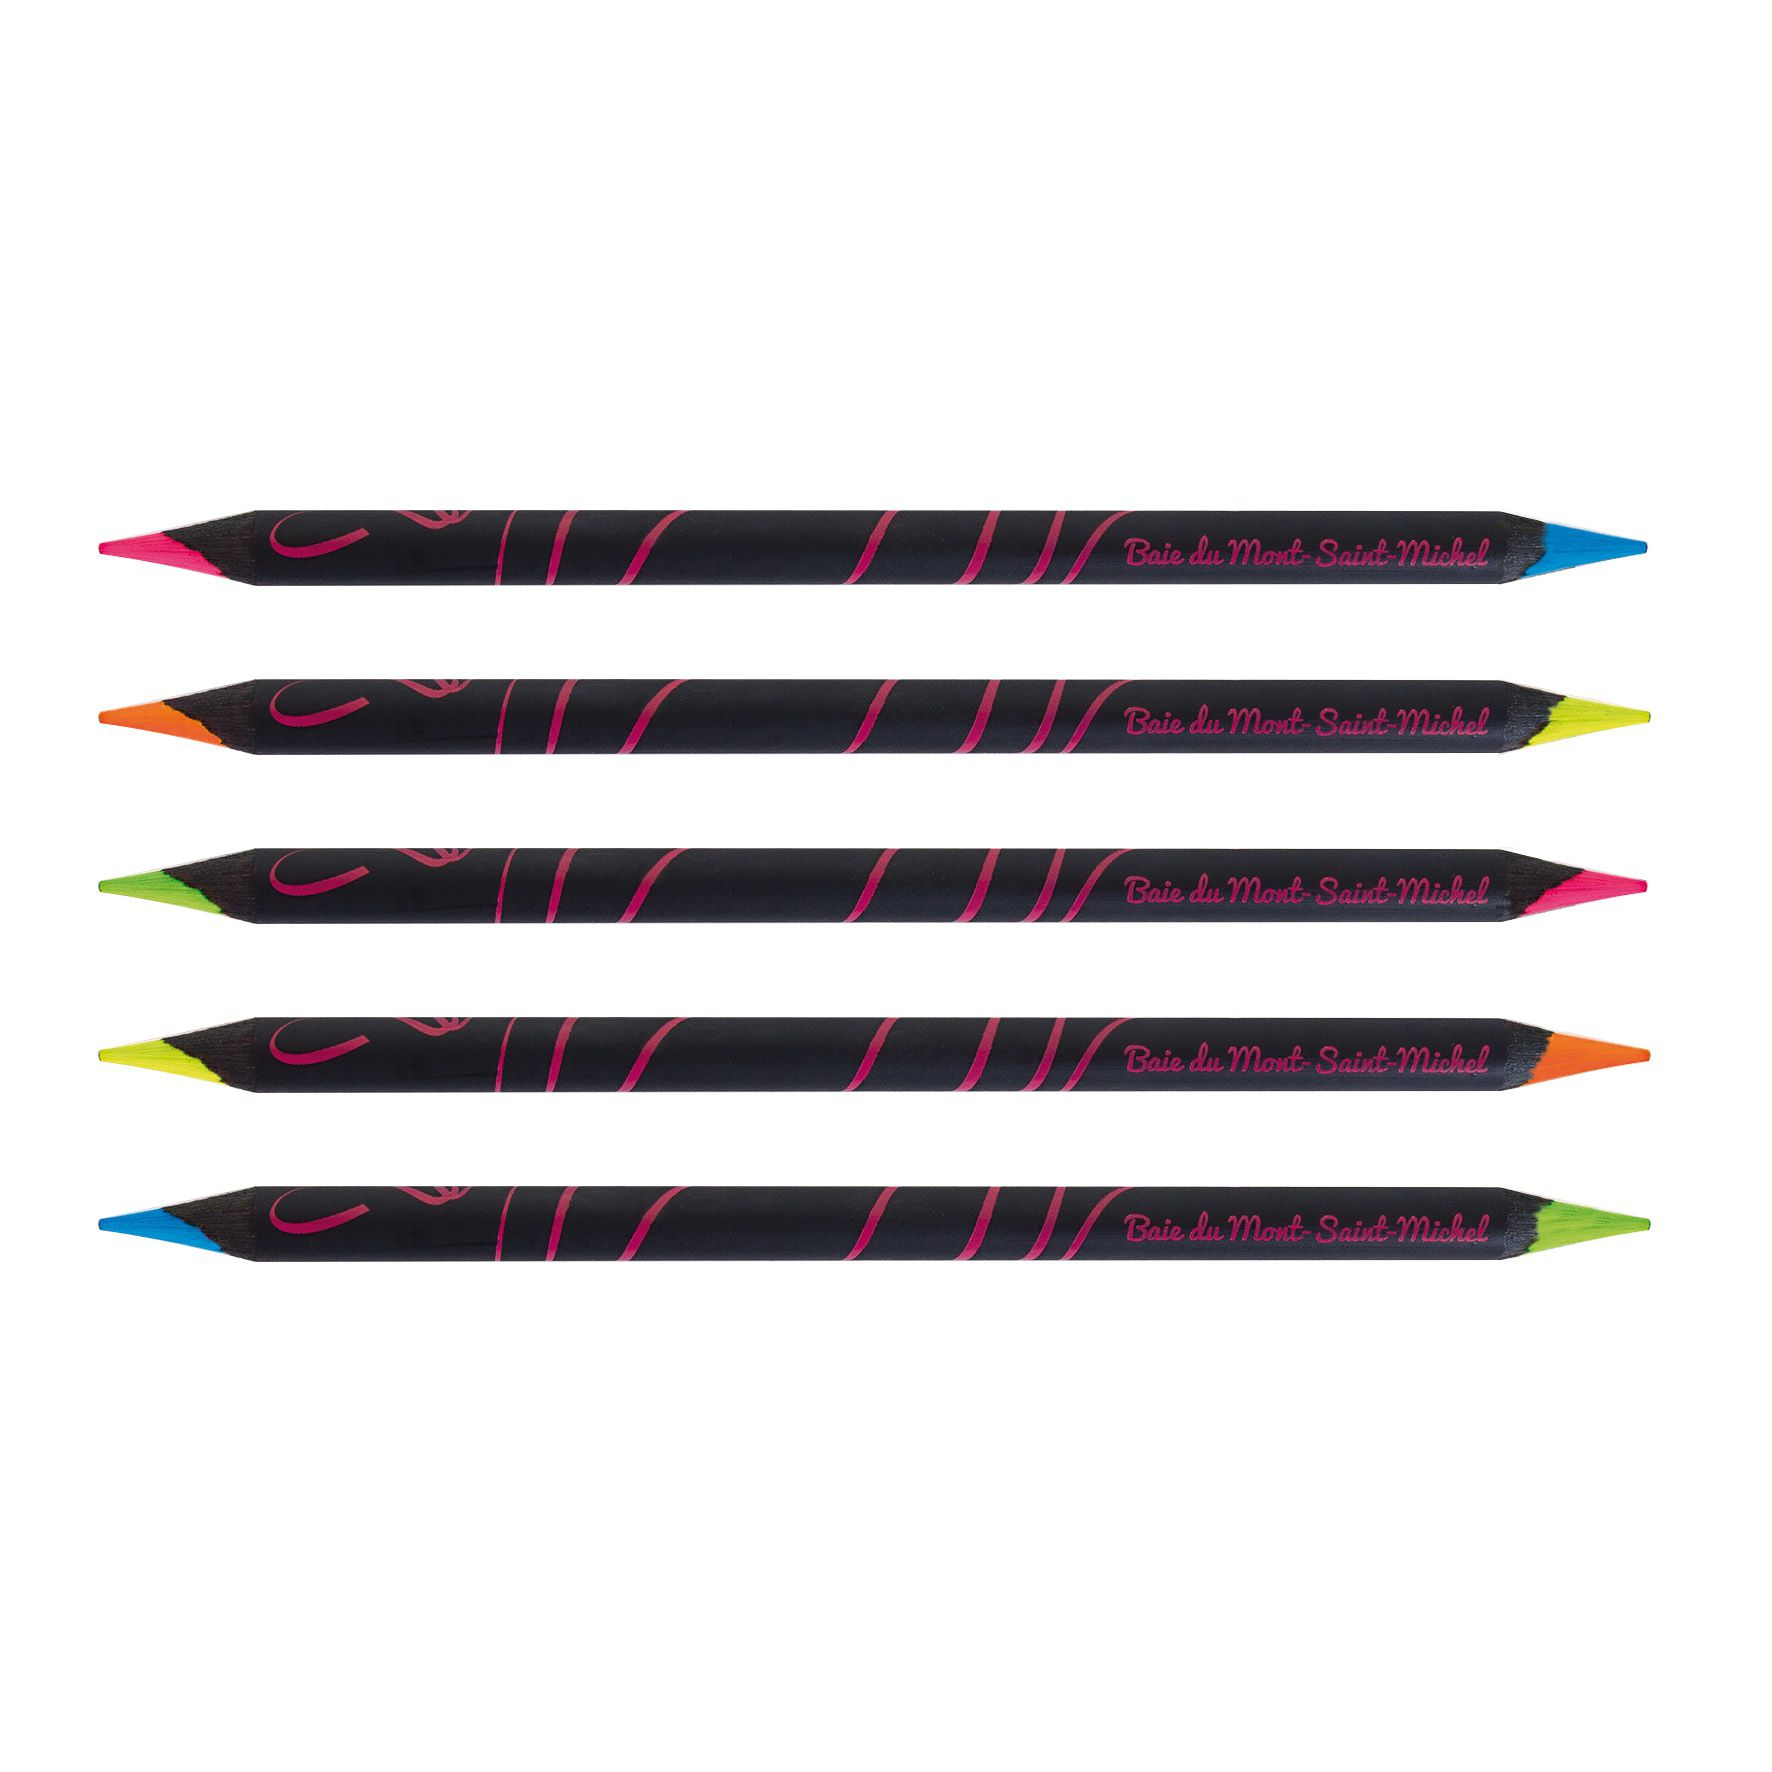 crayon fluo surligneur publicitaire - objet publicitaire made in france